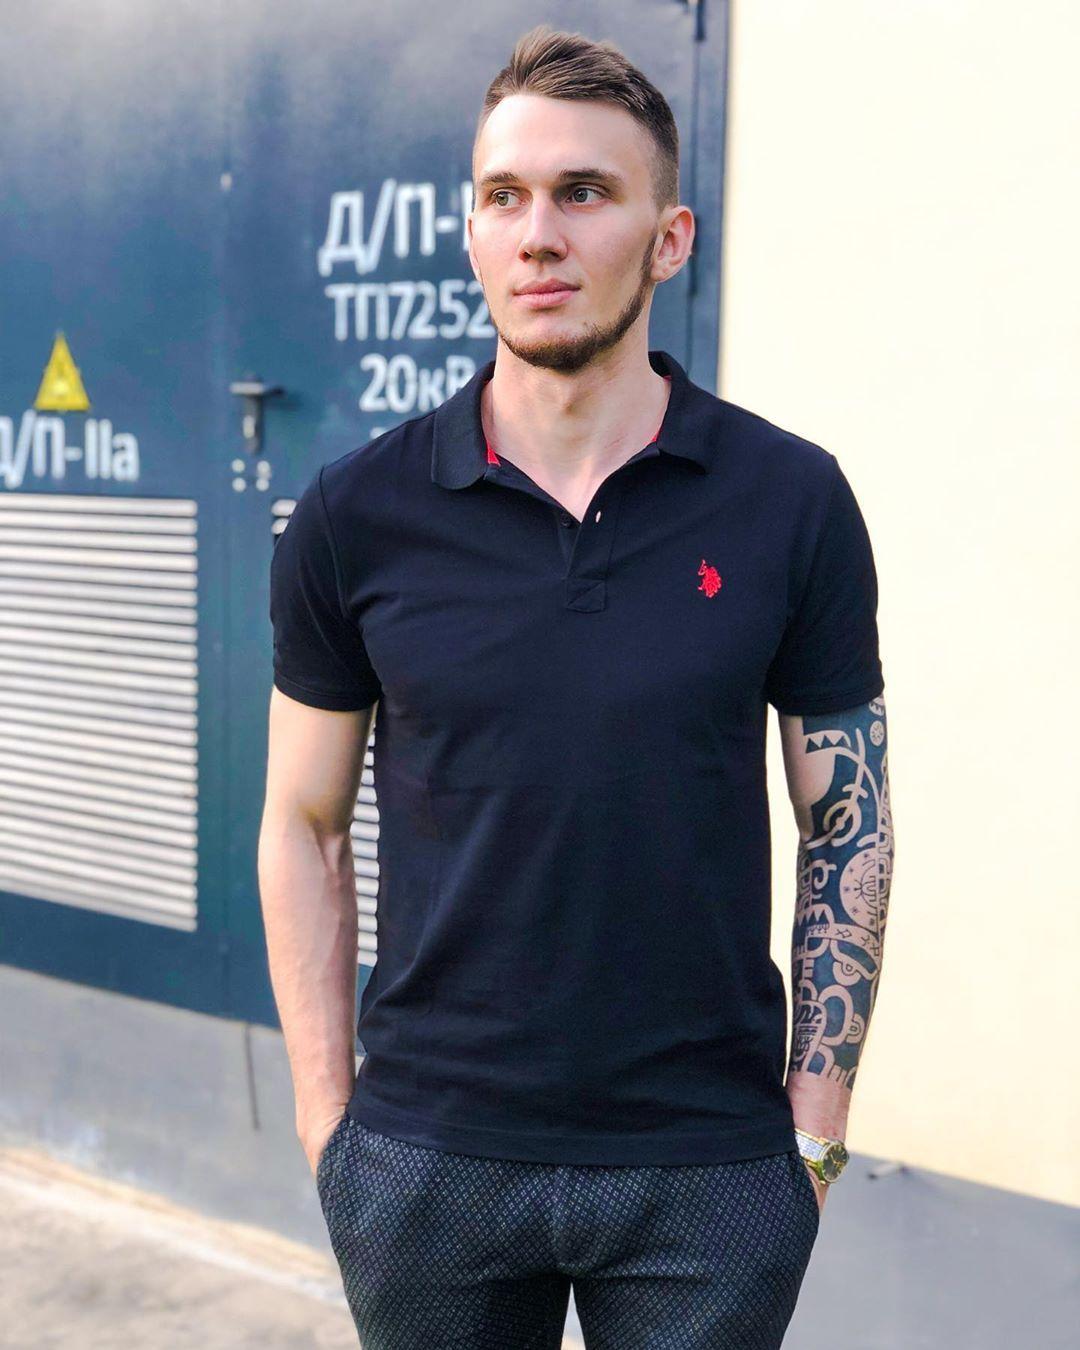 Подрабатываю моделью  #москва #moscow #тату #tattoo #art #instagood #instagram #f4f #follow4follow #...